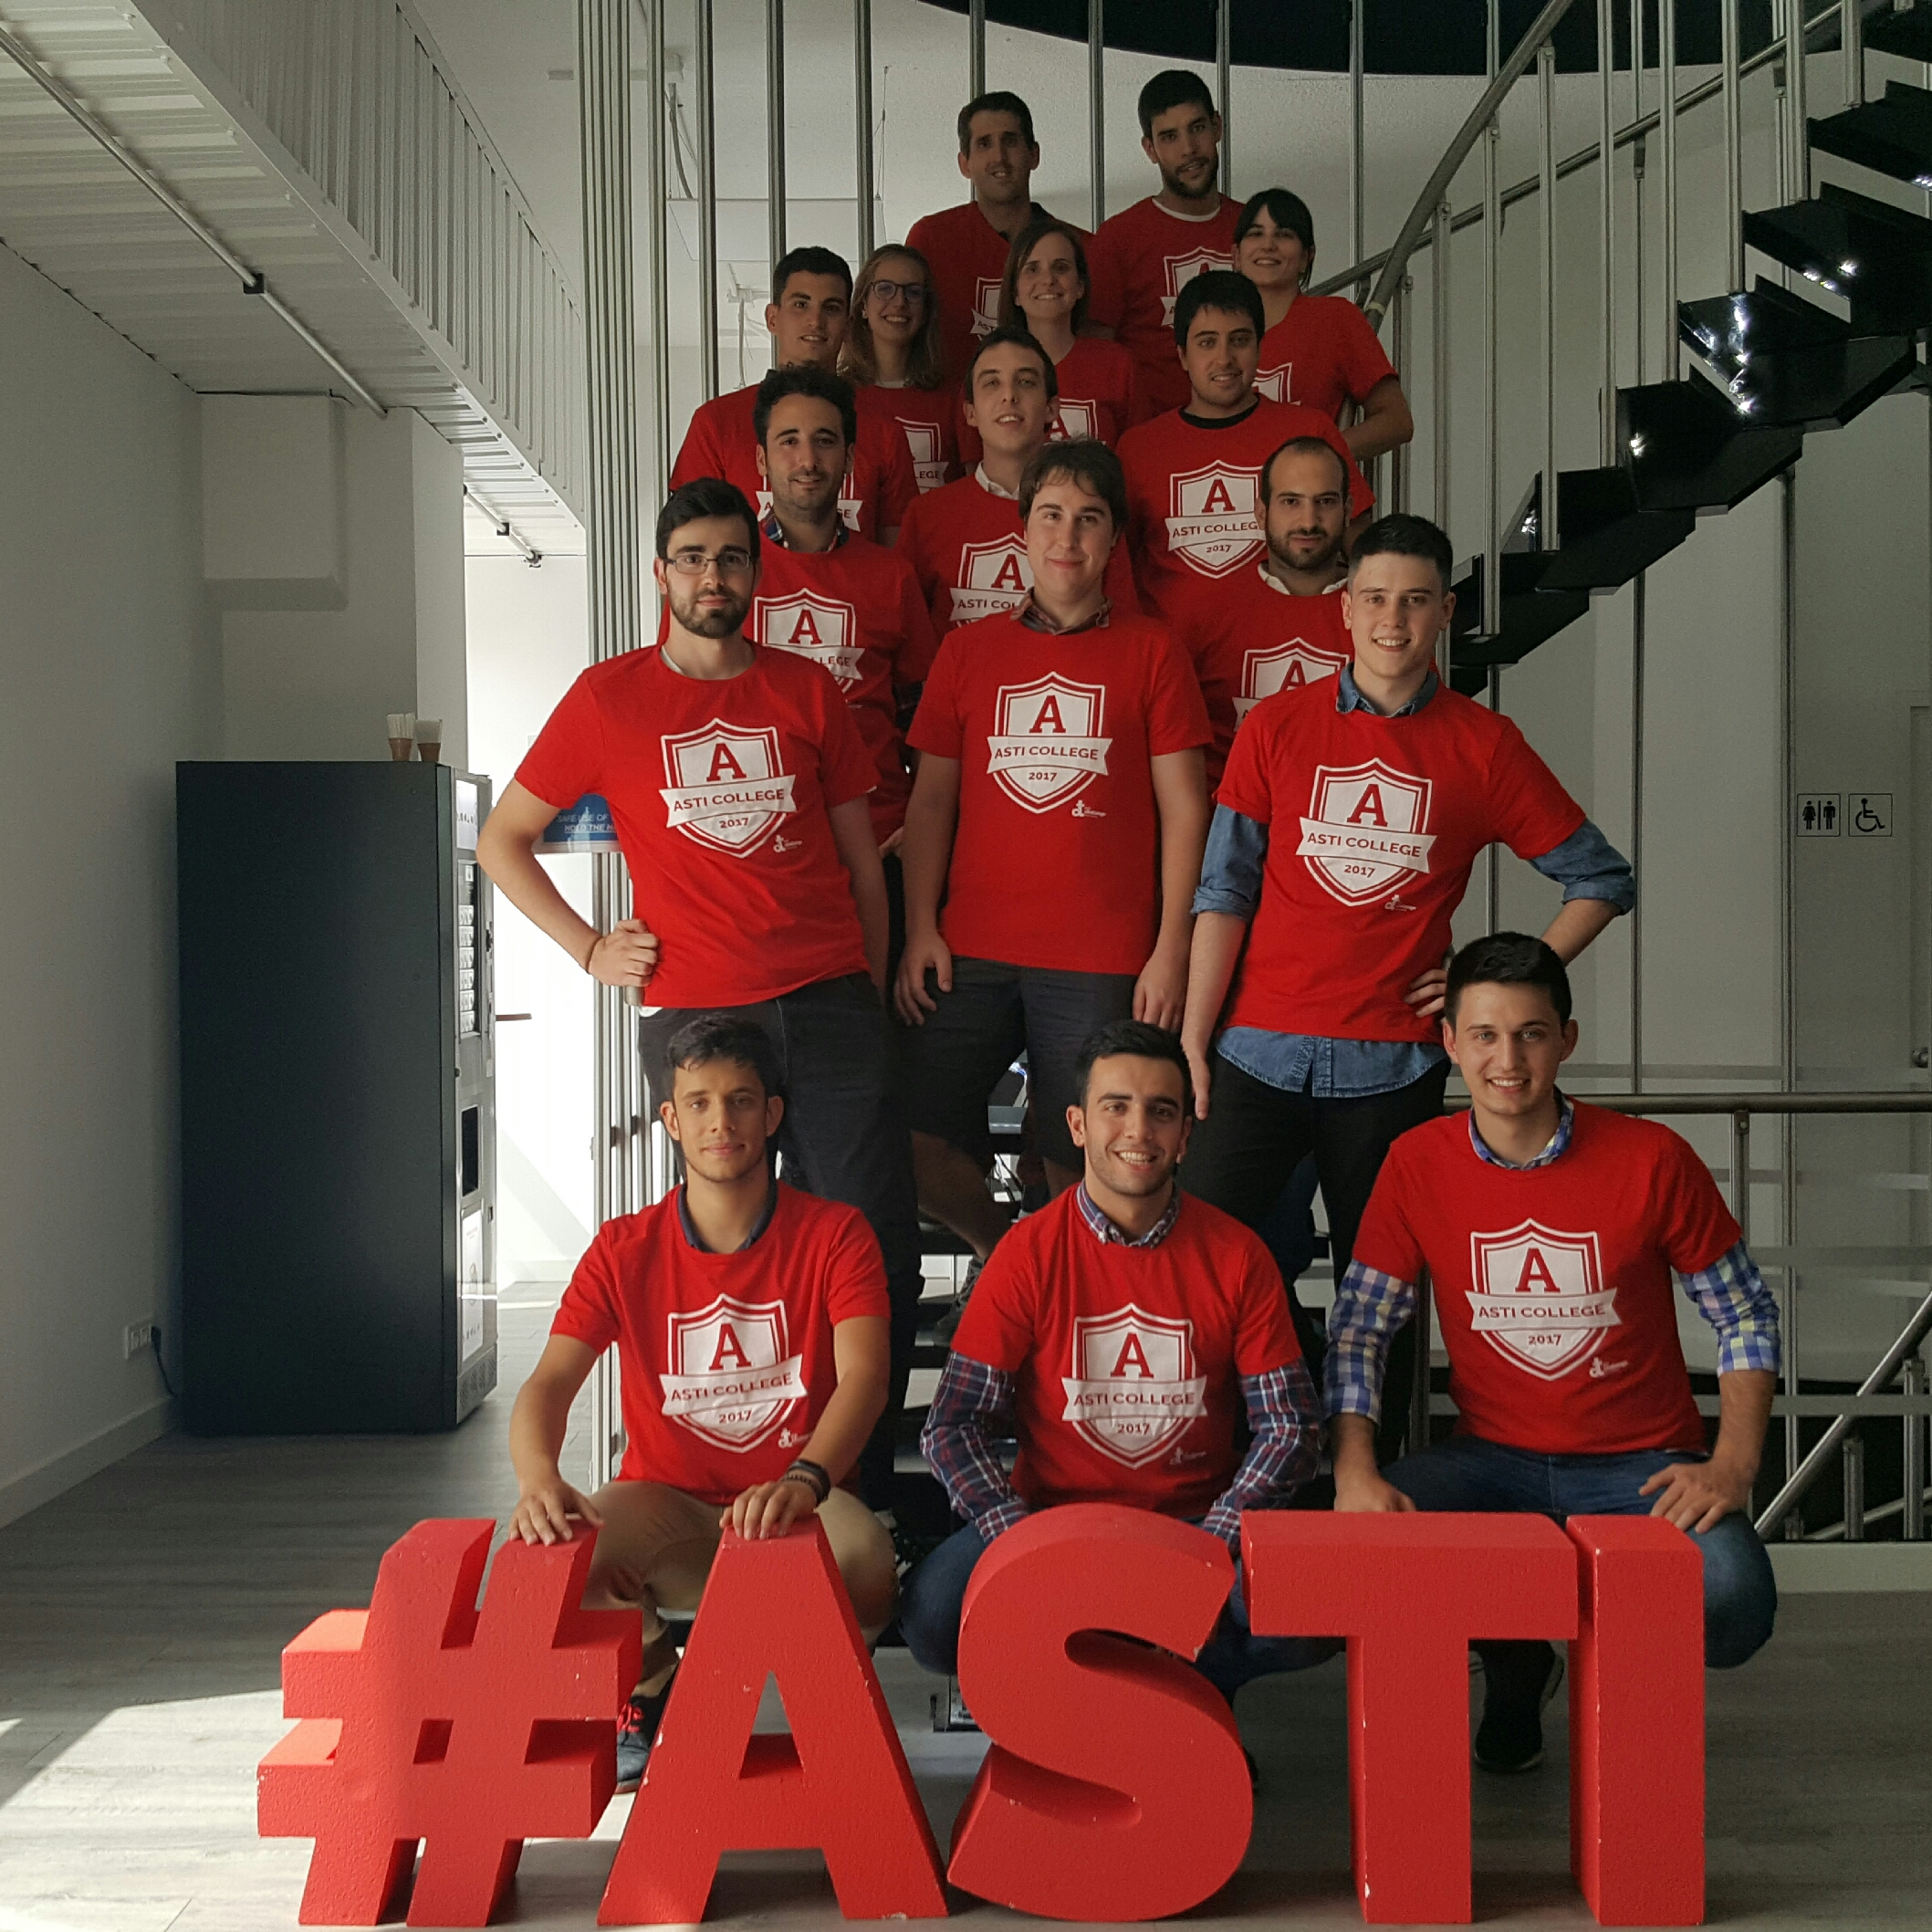 Grupo ASTI crea más de 60 puestos de trabajo estable y de calidad en 2017